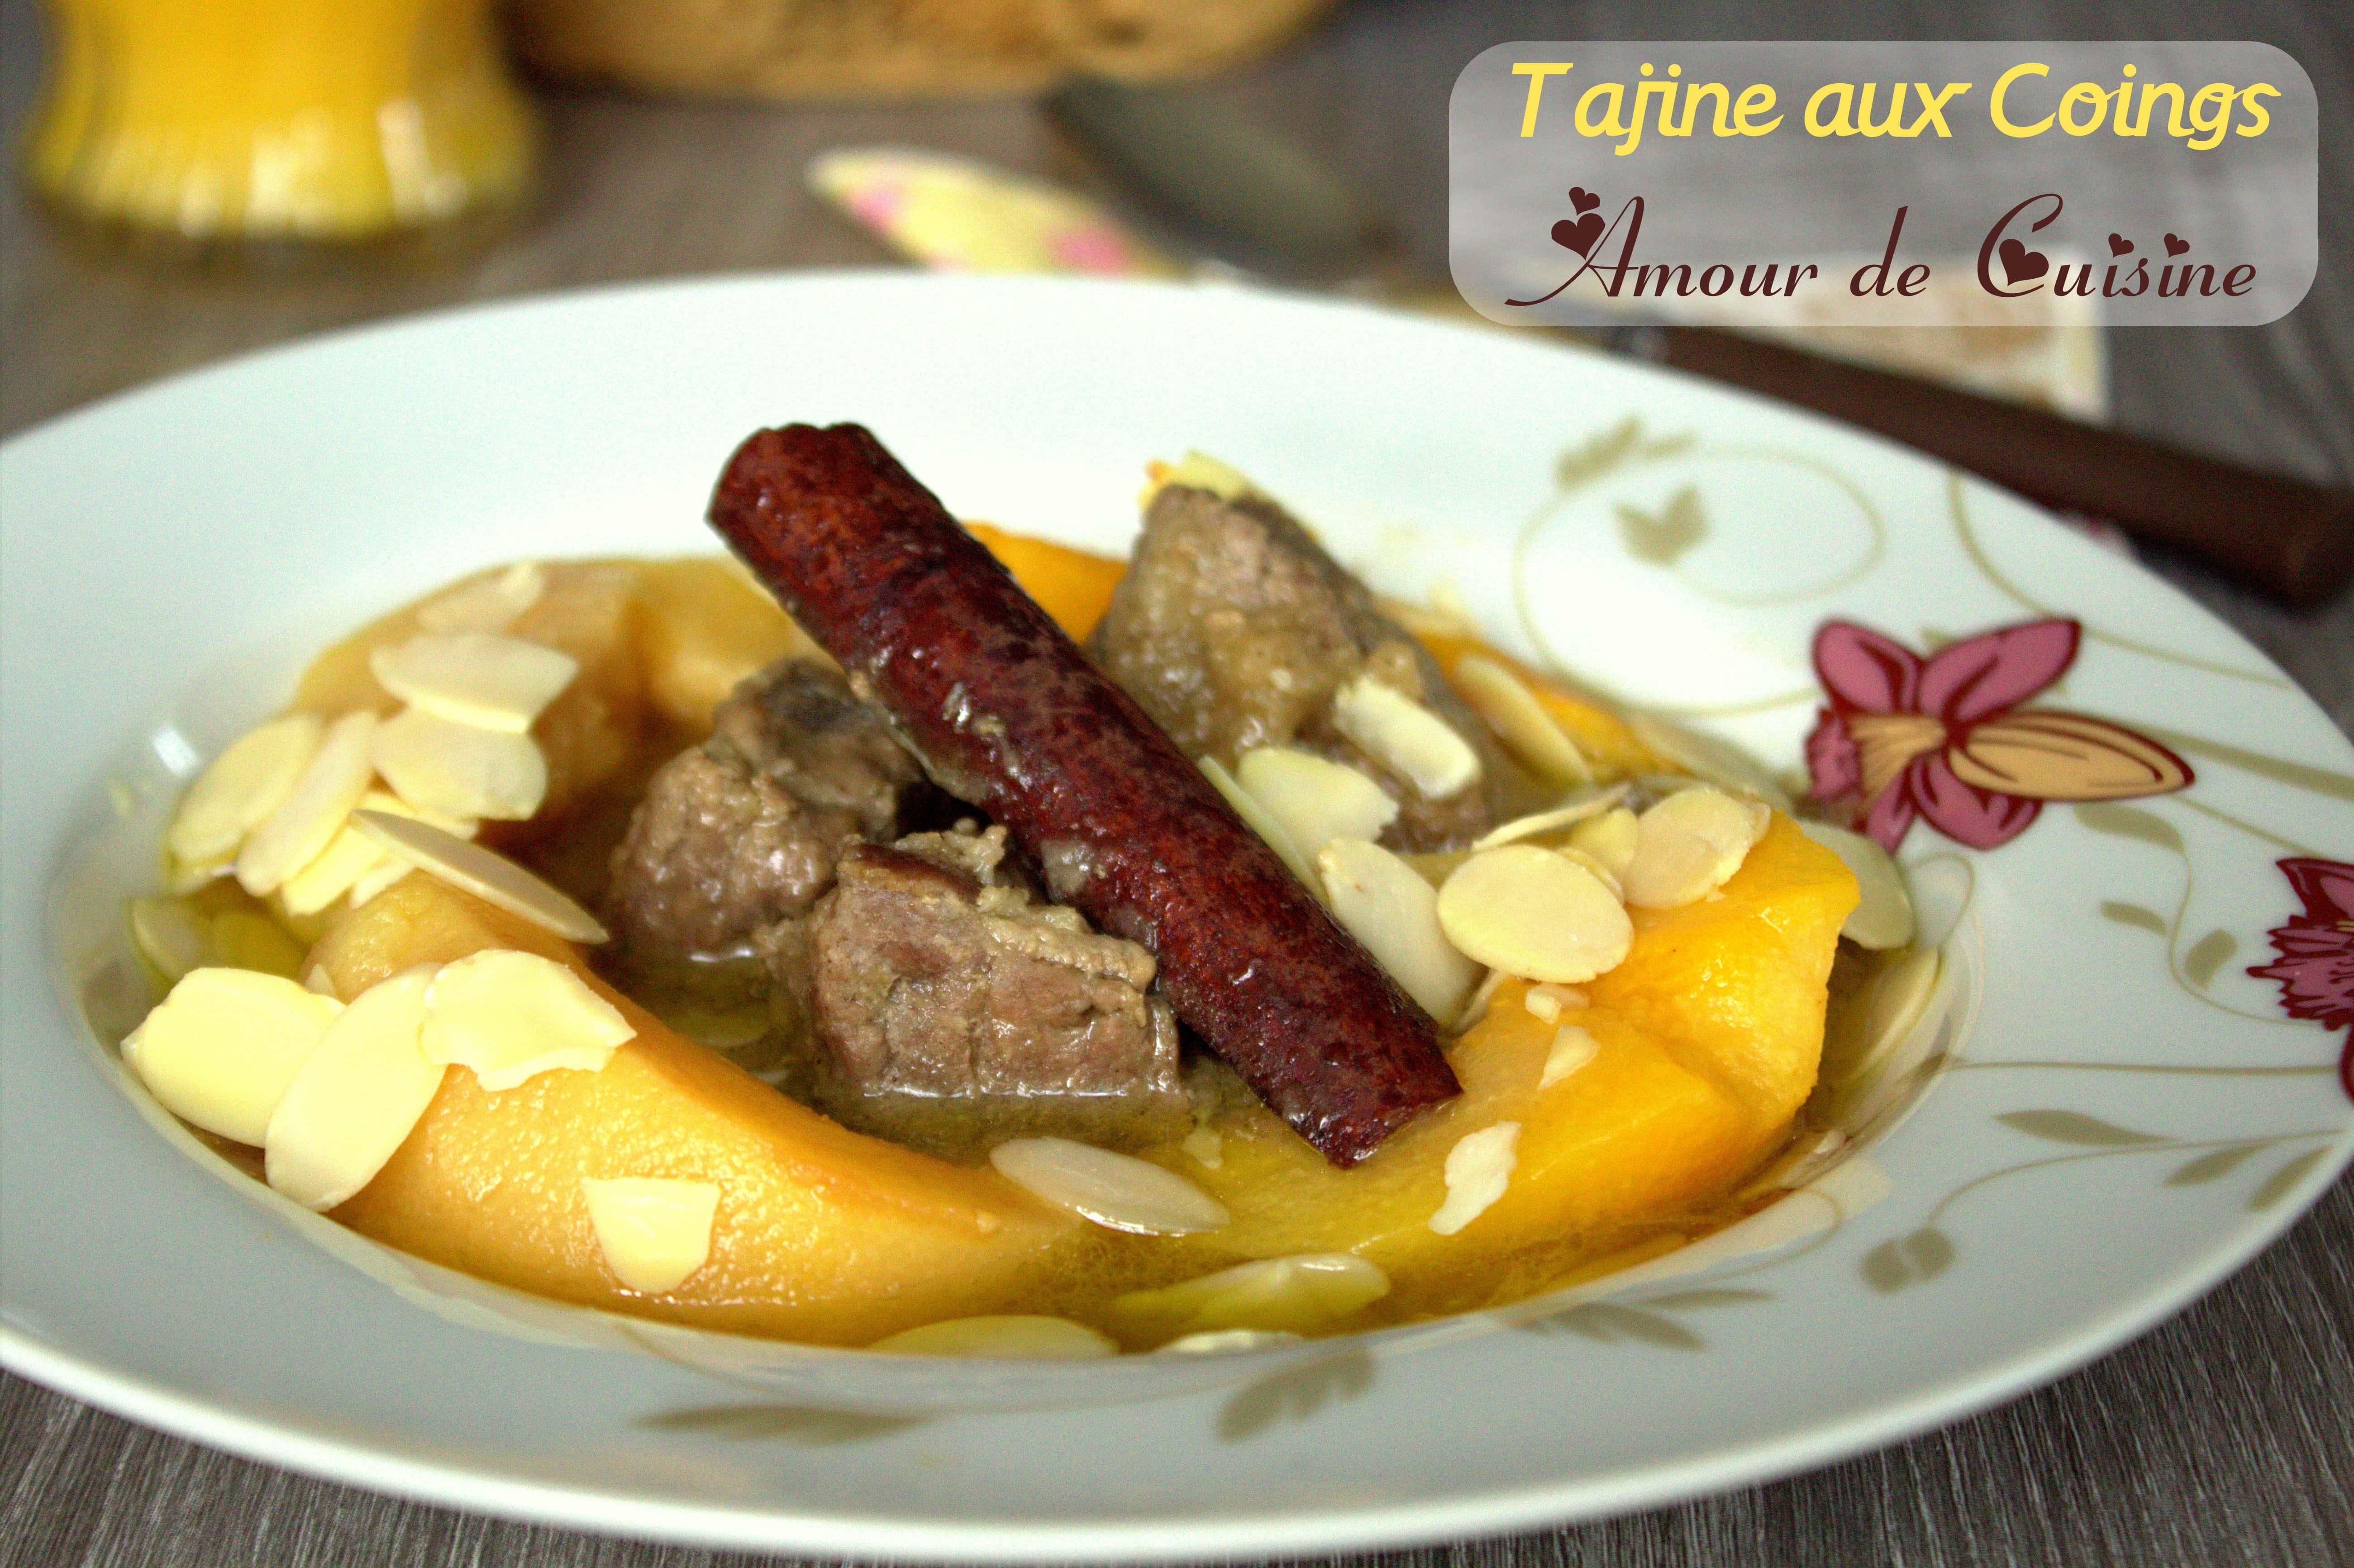 Tajine d 39 agneau aux coings amour de cuisine for Amoure de cuisine